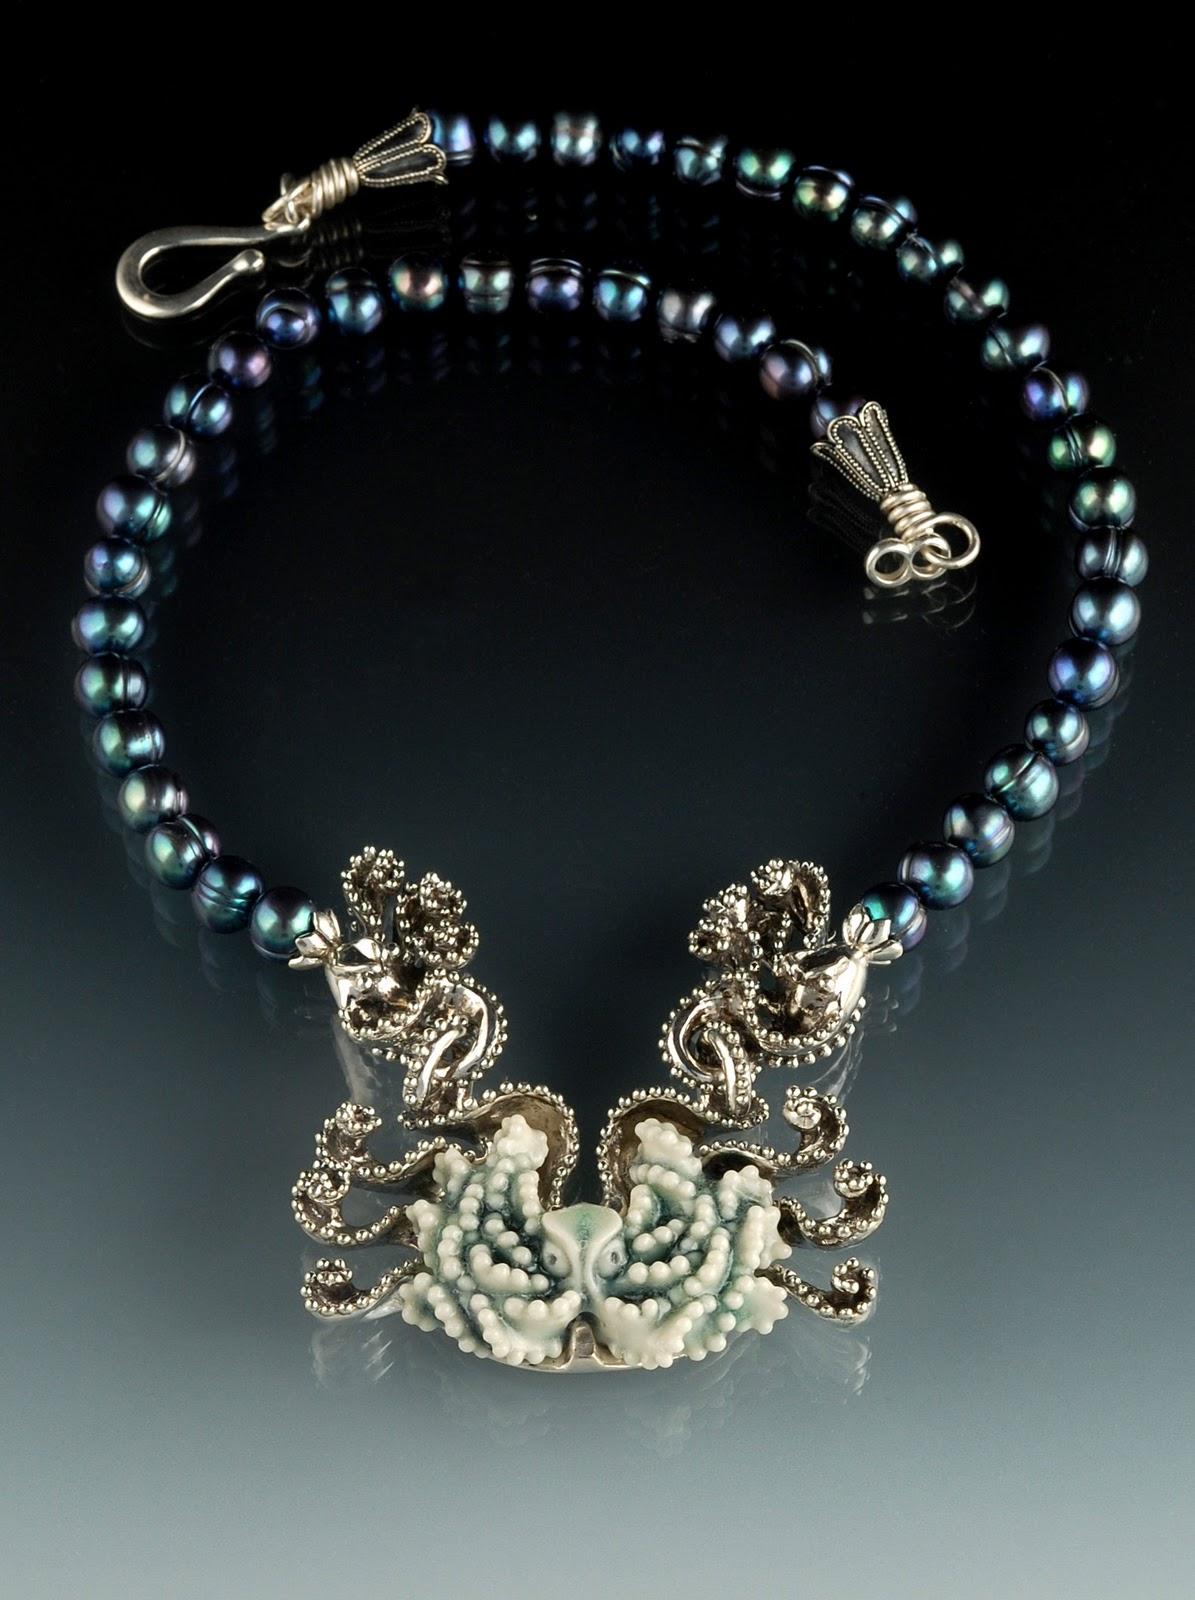 Art-Jewelry.com